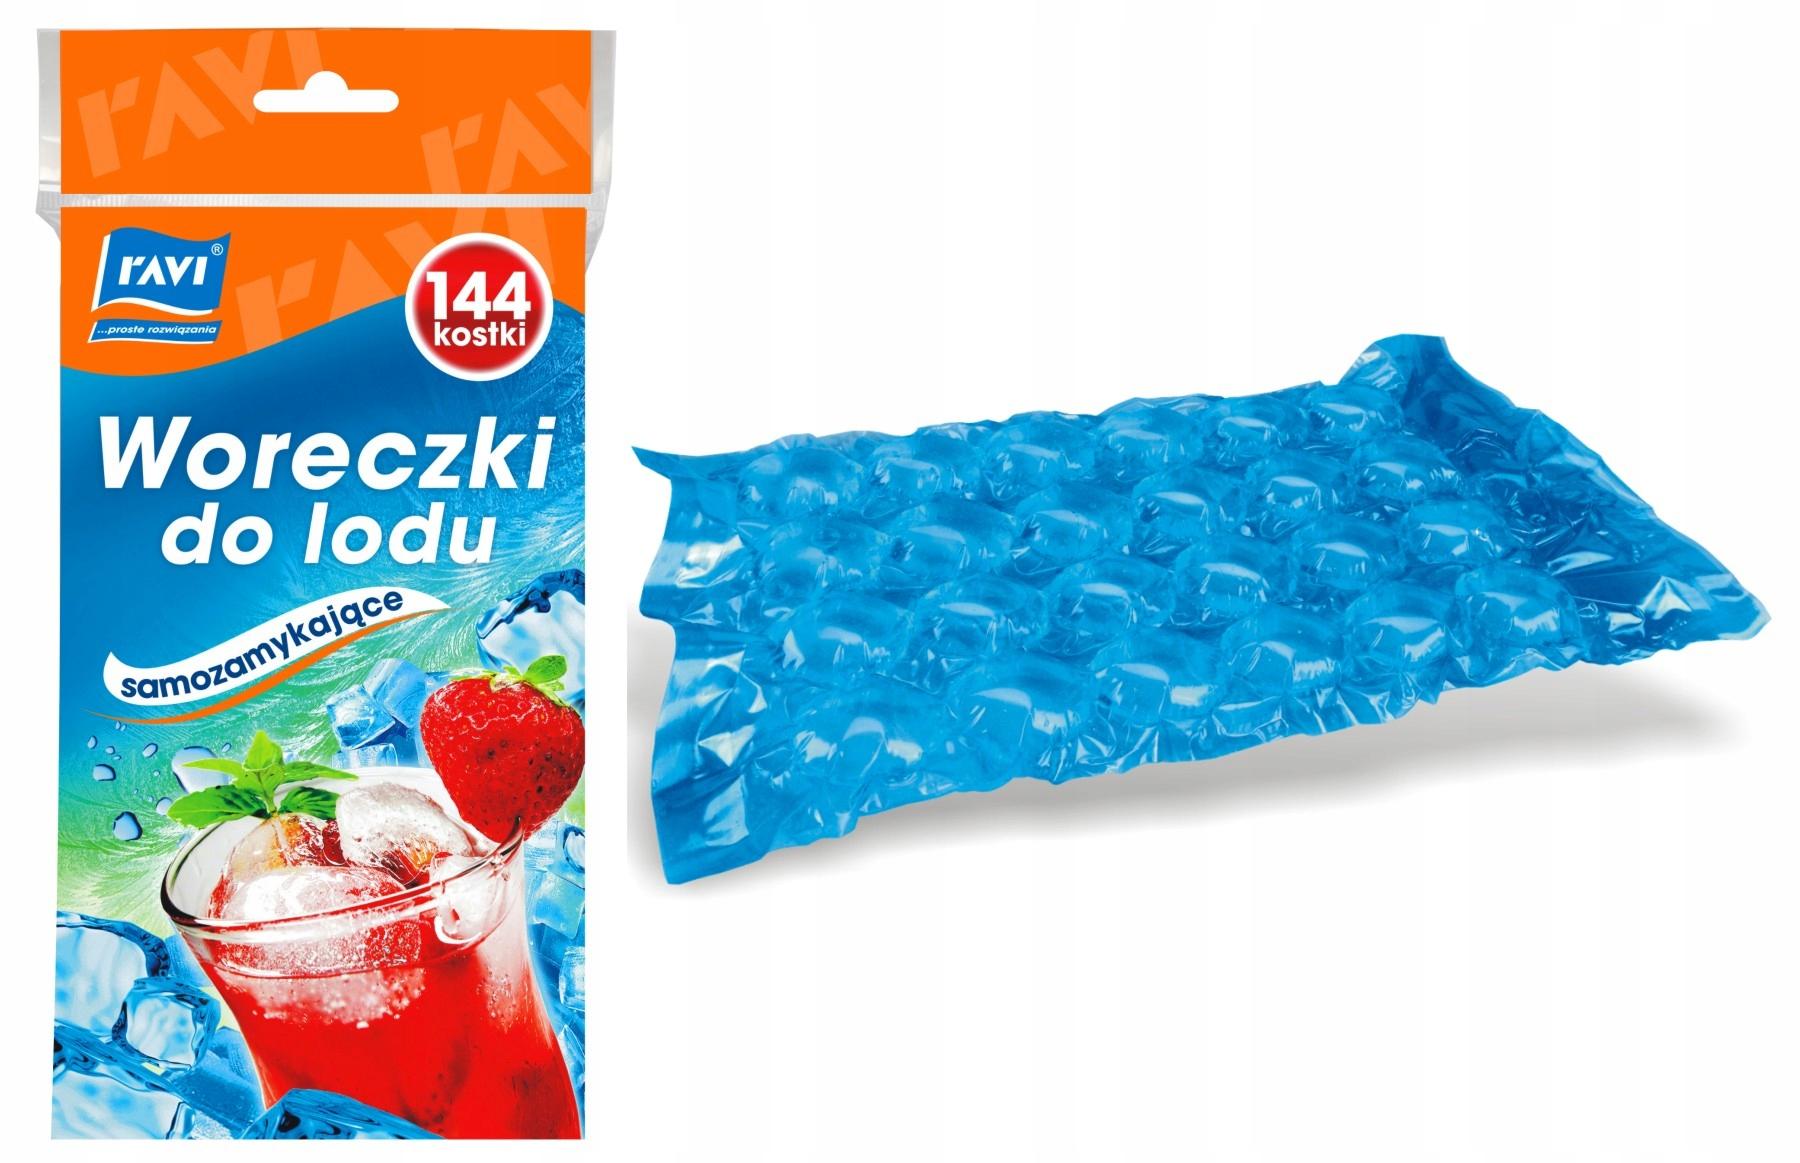 СУМКИ ICE CUBE BAGS самозакрывающиеся рави